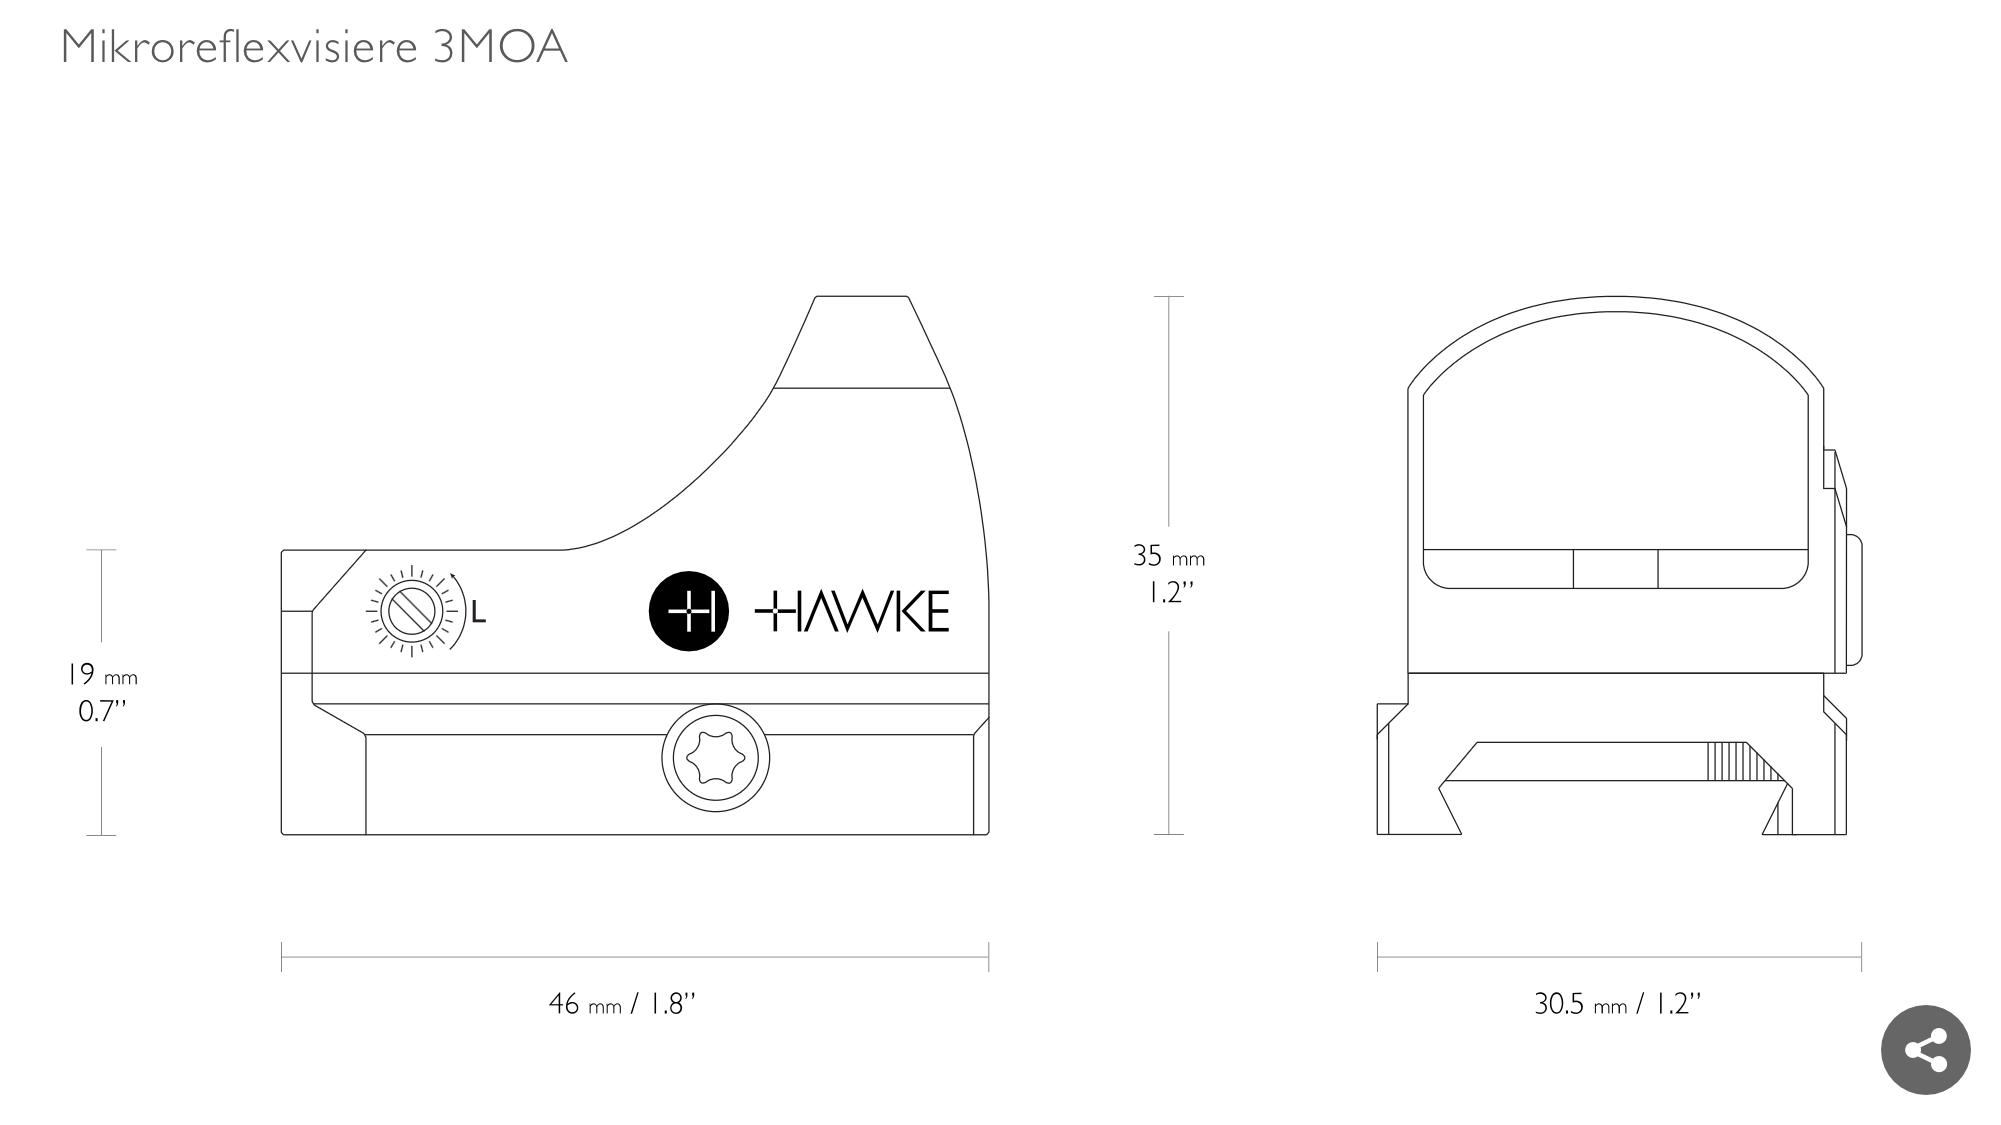 Abmessungen vom Hawke Mikroreflexvisier 3 MOA